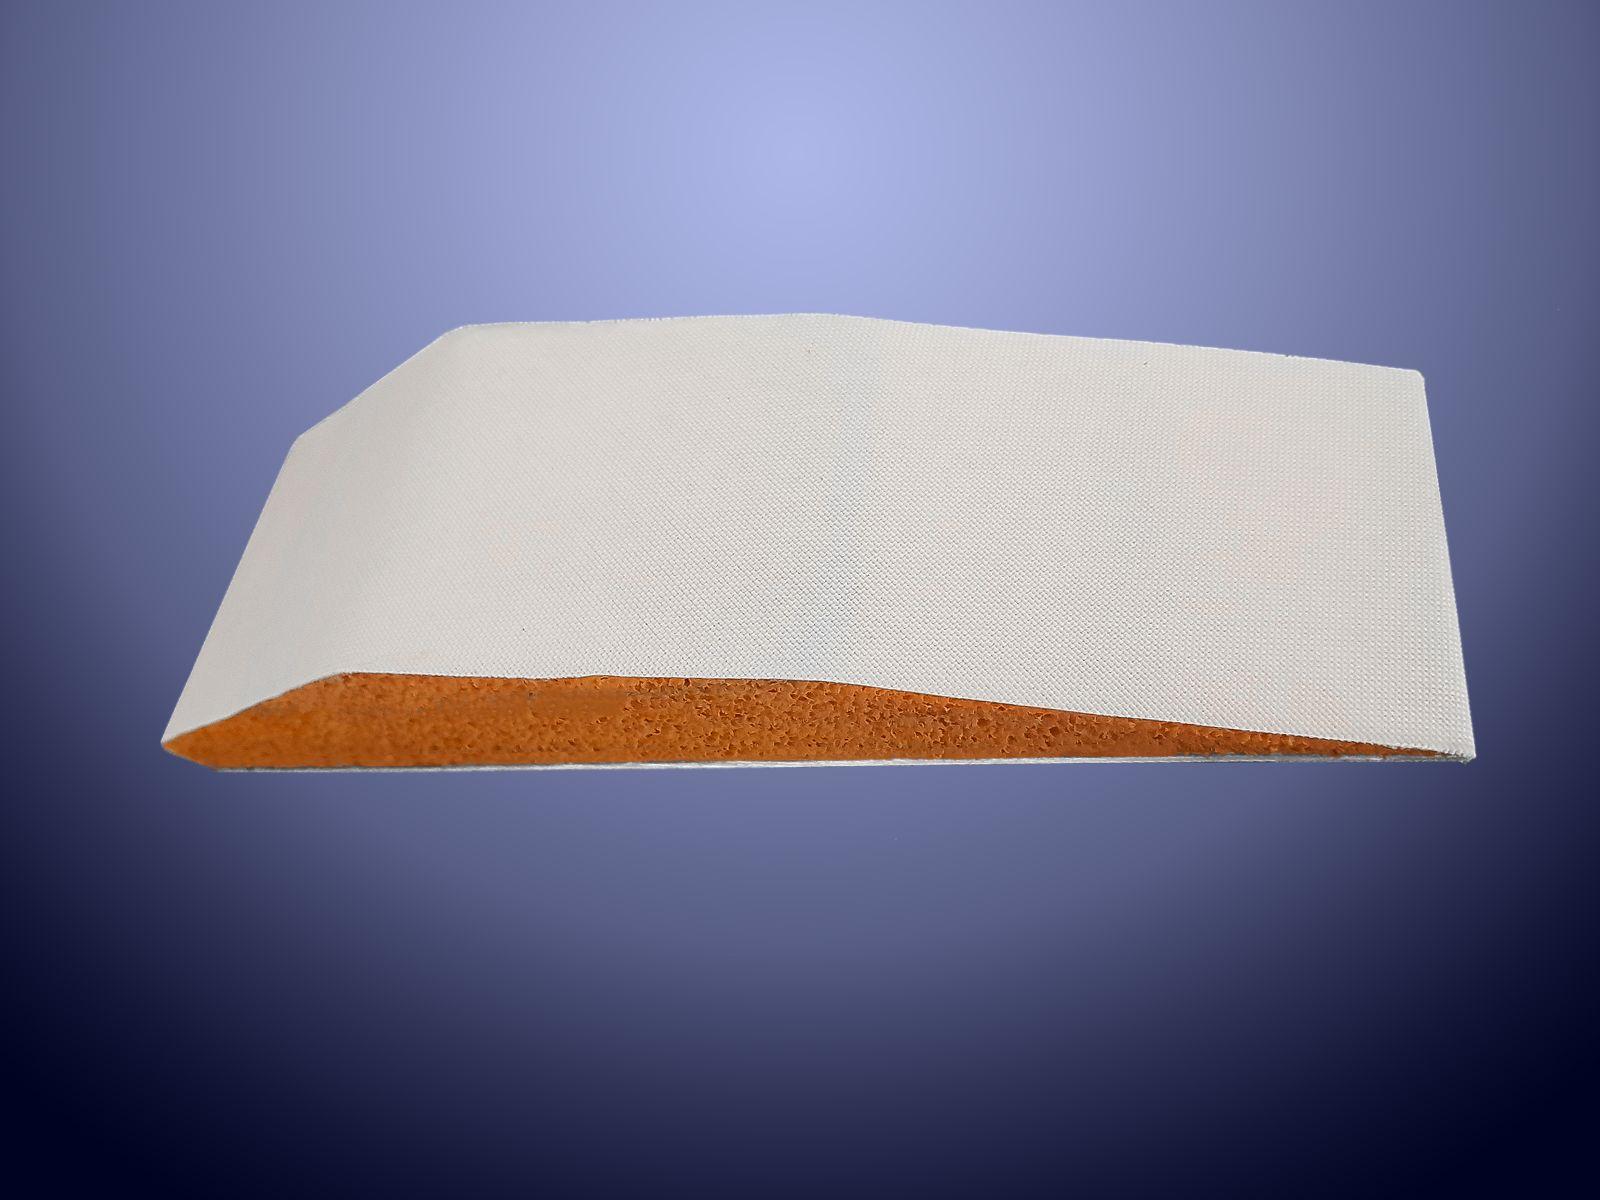 Particolare in gomma geranio sagomato a disegno e rivestito con tessuto in nylon antiusura